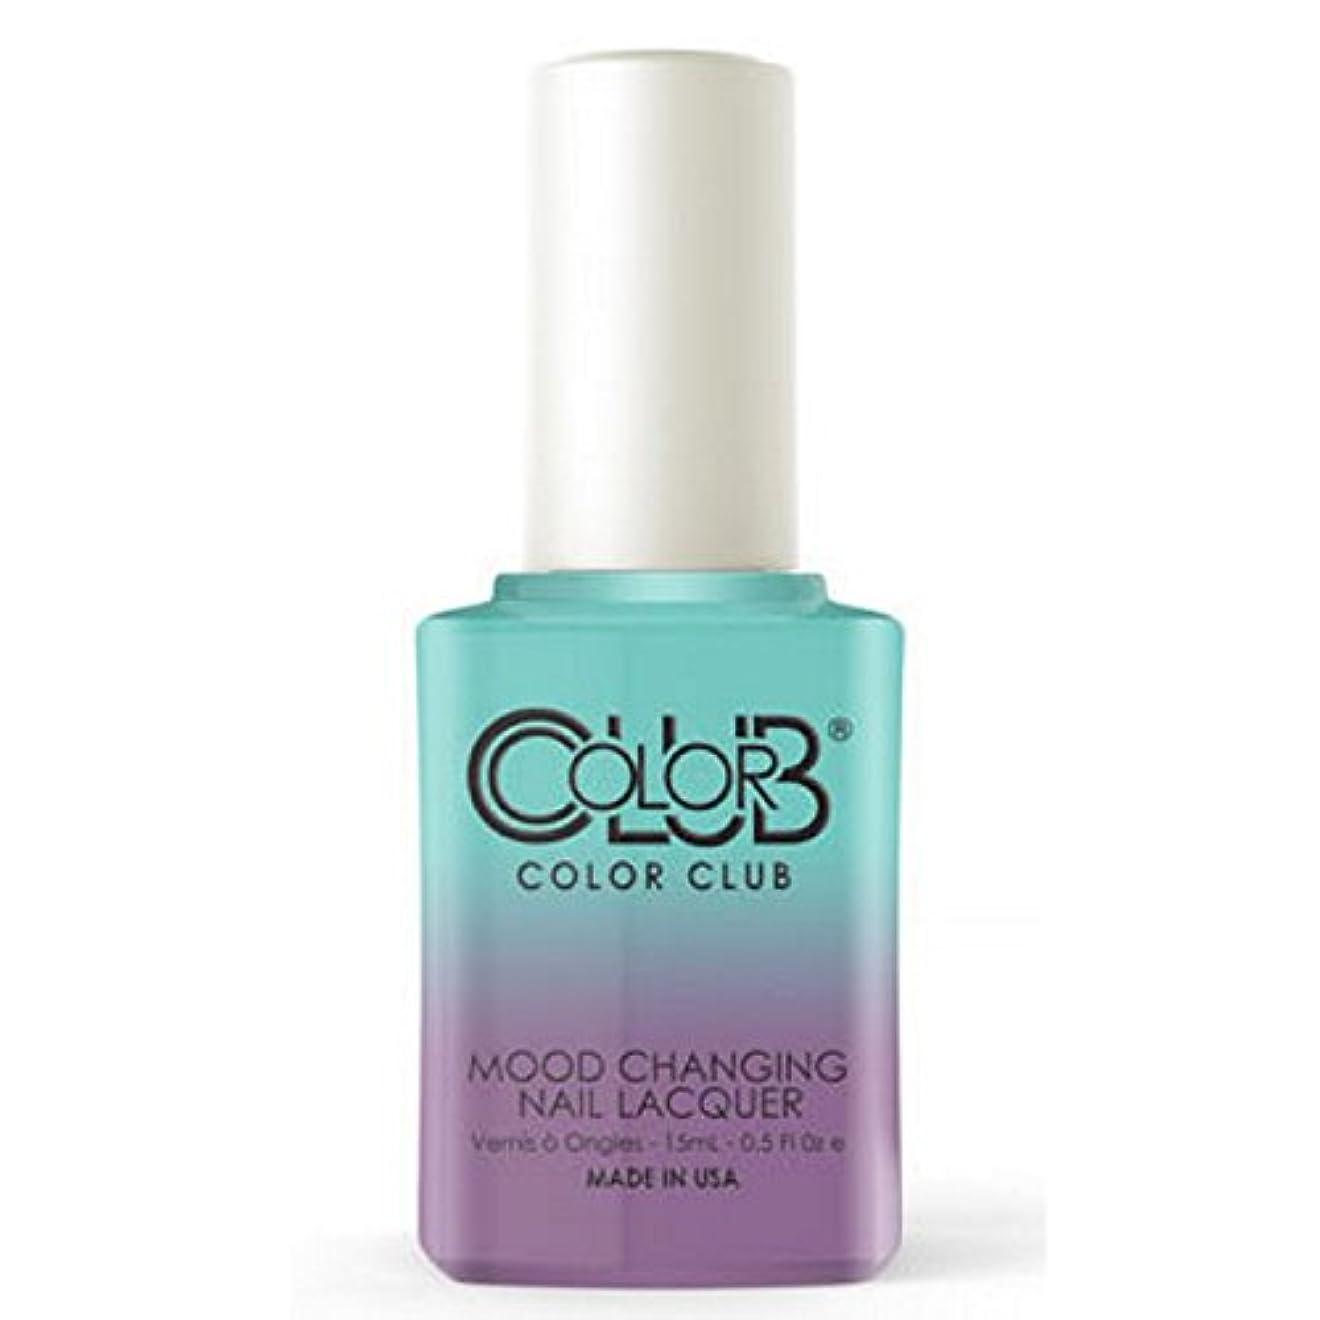 キュービックオーバードロー評論家Color Club Mood Changing Nail Lacquer - Serene Green - 15 mL / 0.5 fl oz